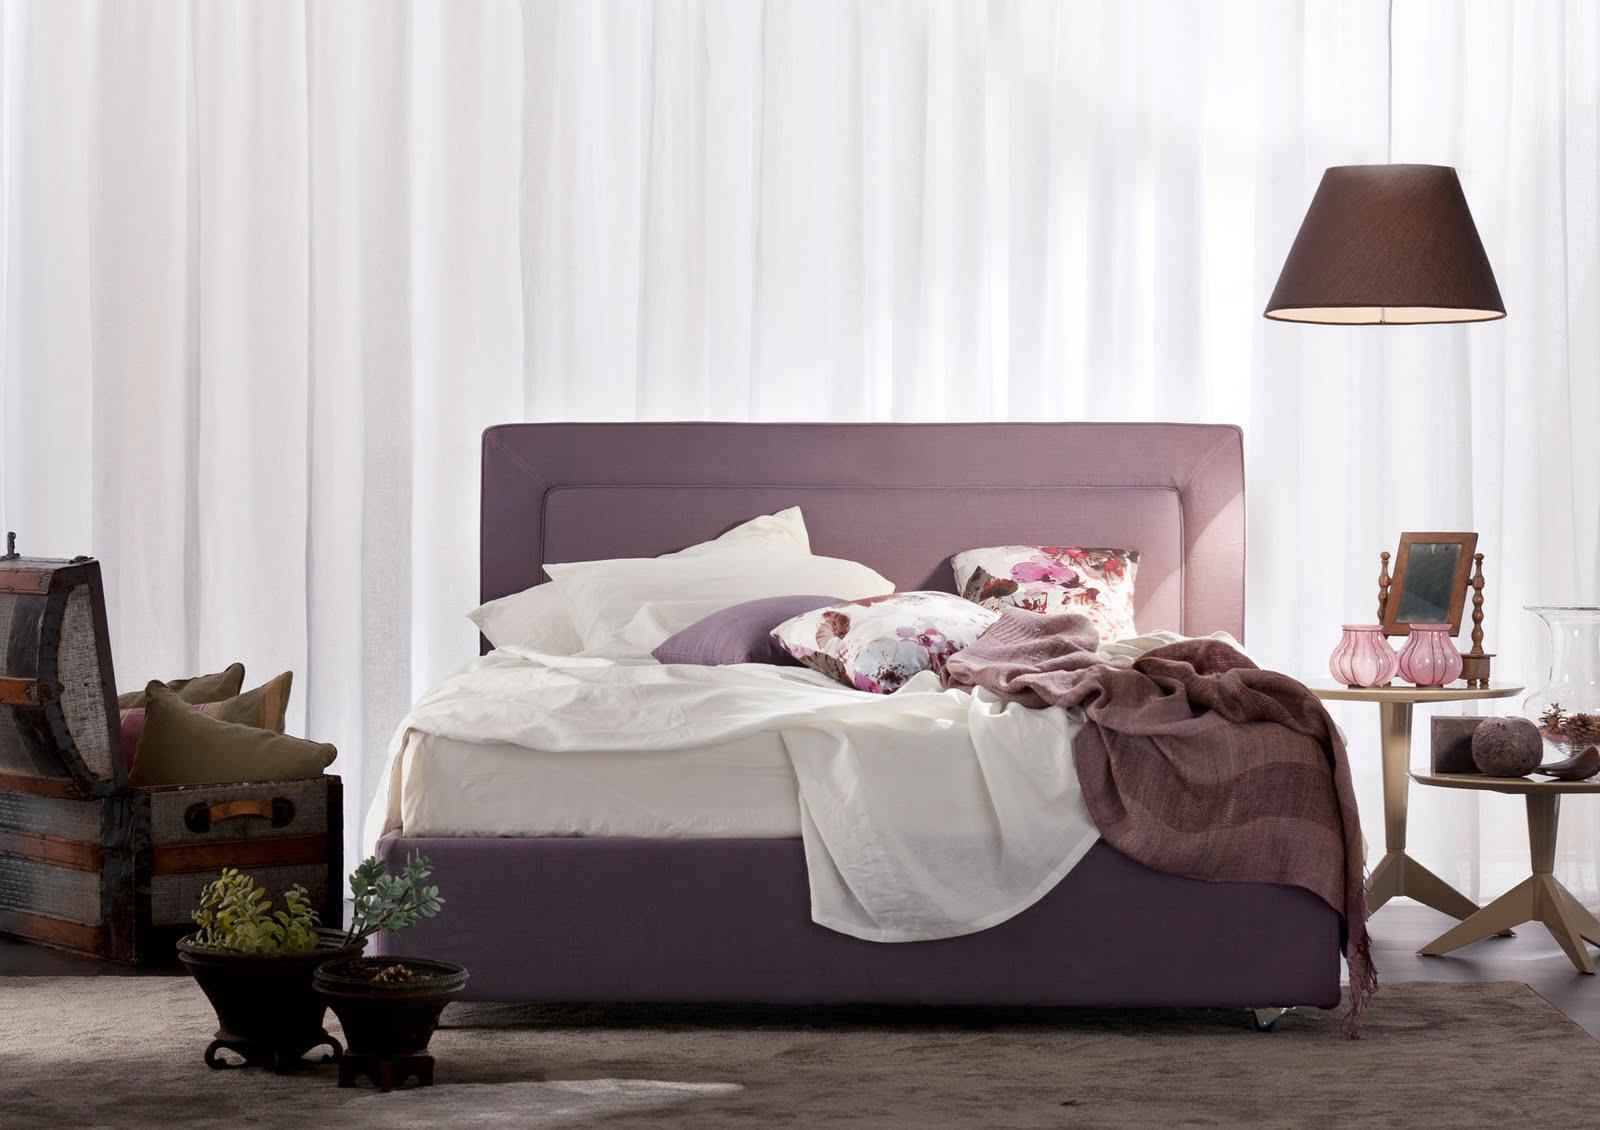 Berto salotti blog conosci cassandra - Cosa piace alle donne a letto ...